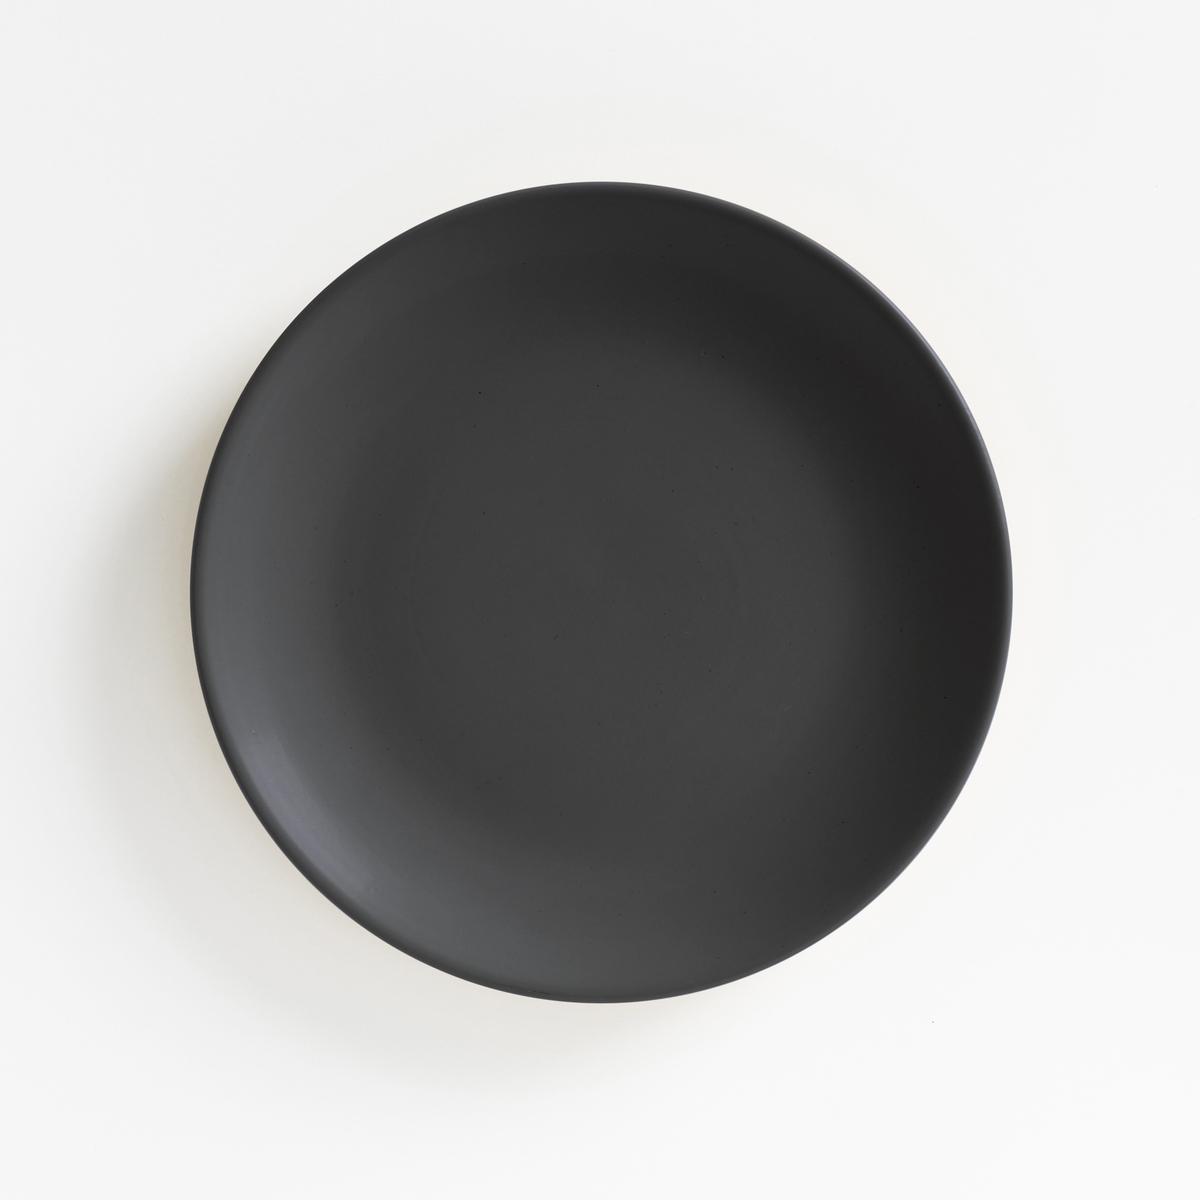 Комплект из десертных тарелок La Redoute Из матового фаянса MELYA единый размер серый комплект из 4 десертных тарелок sam baron